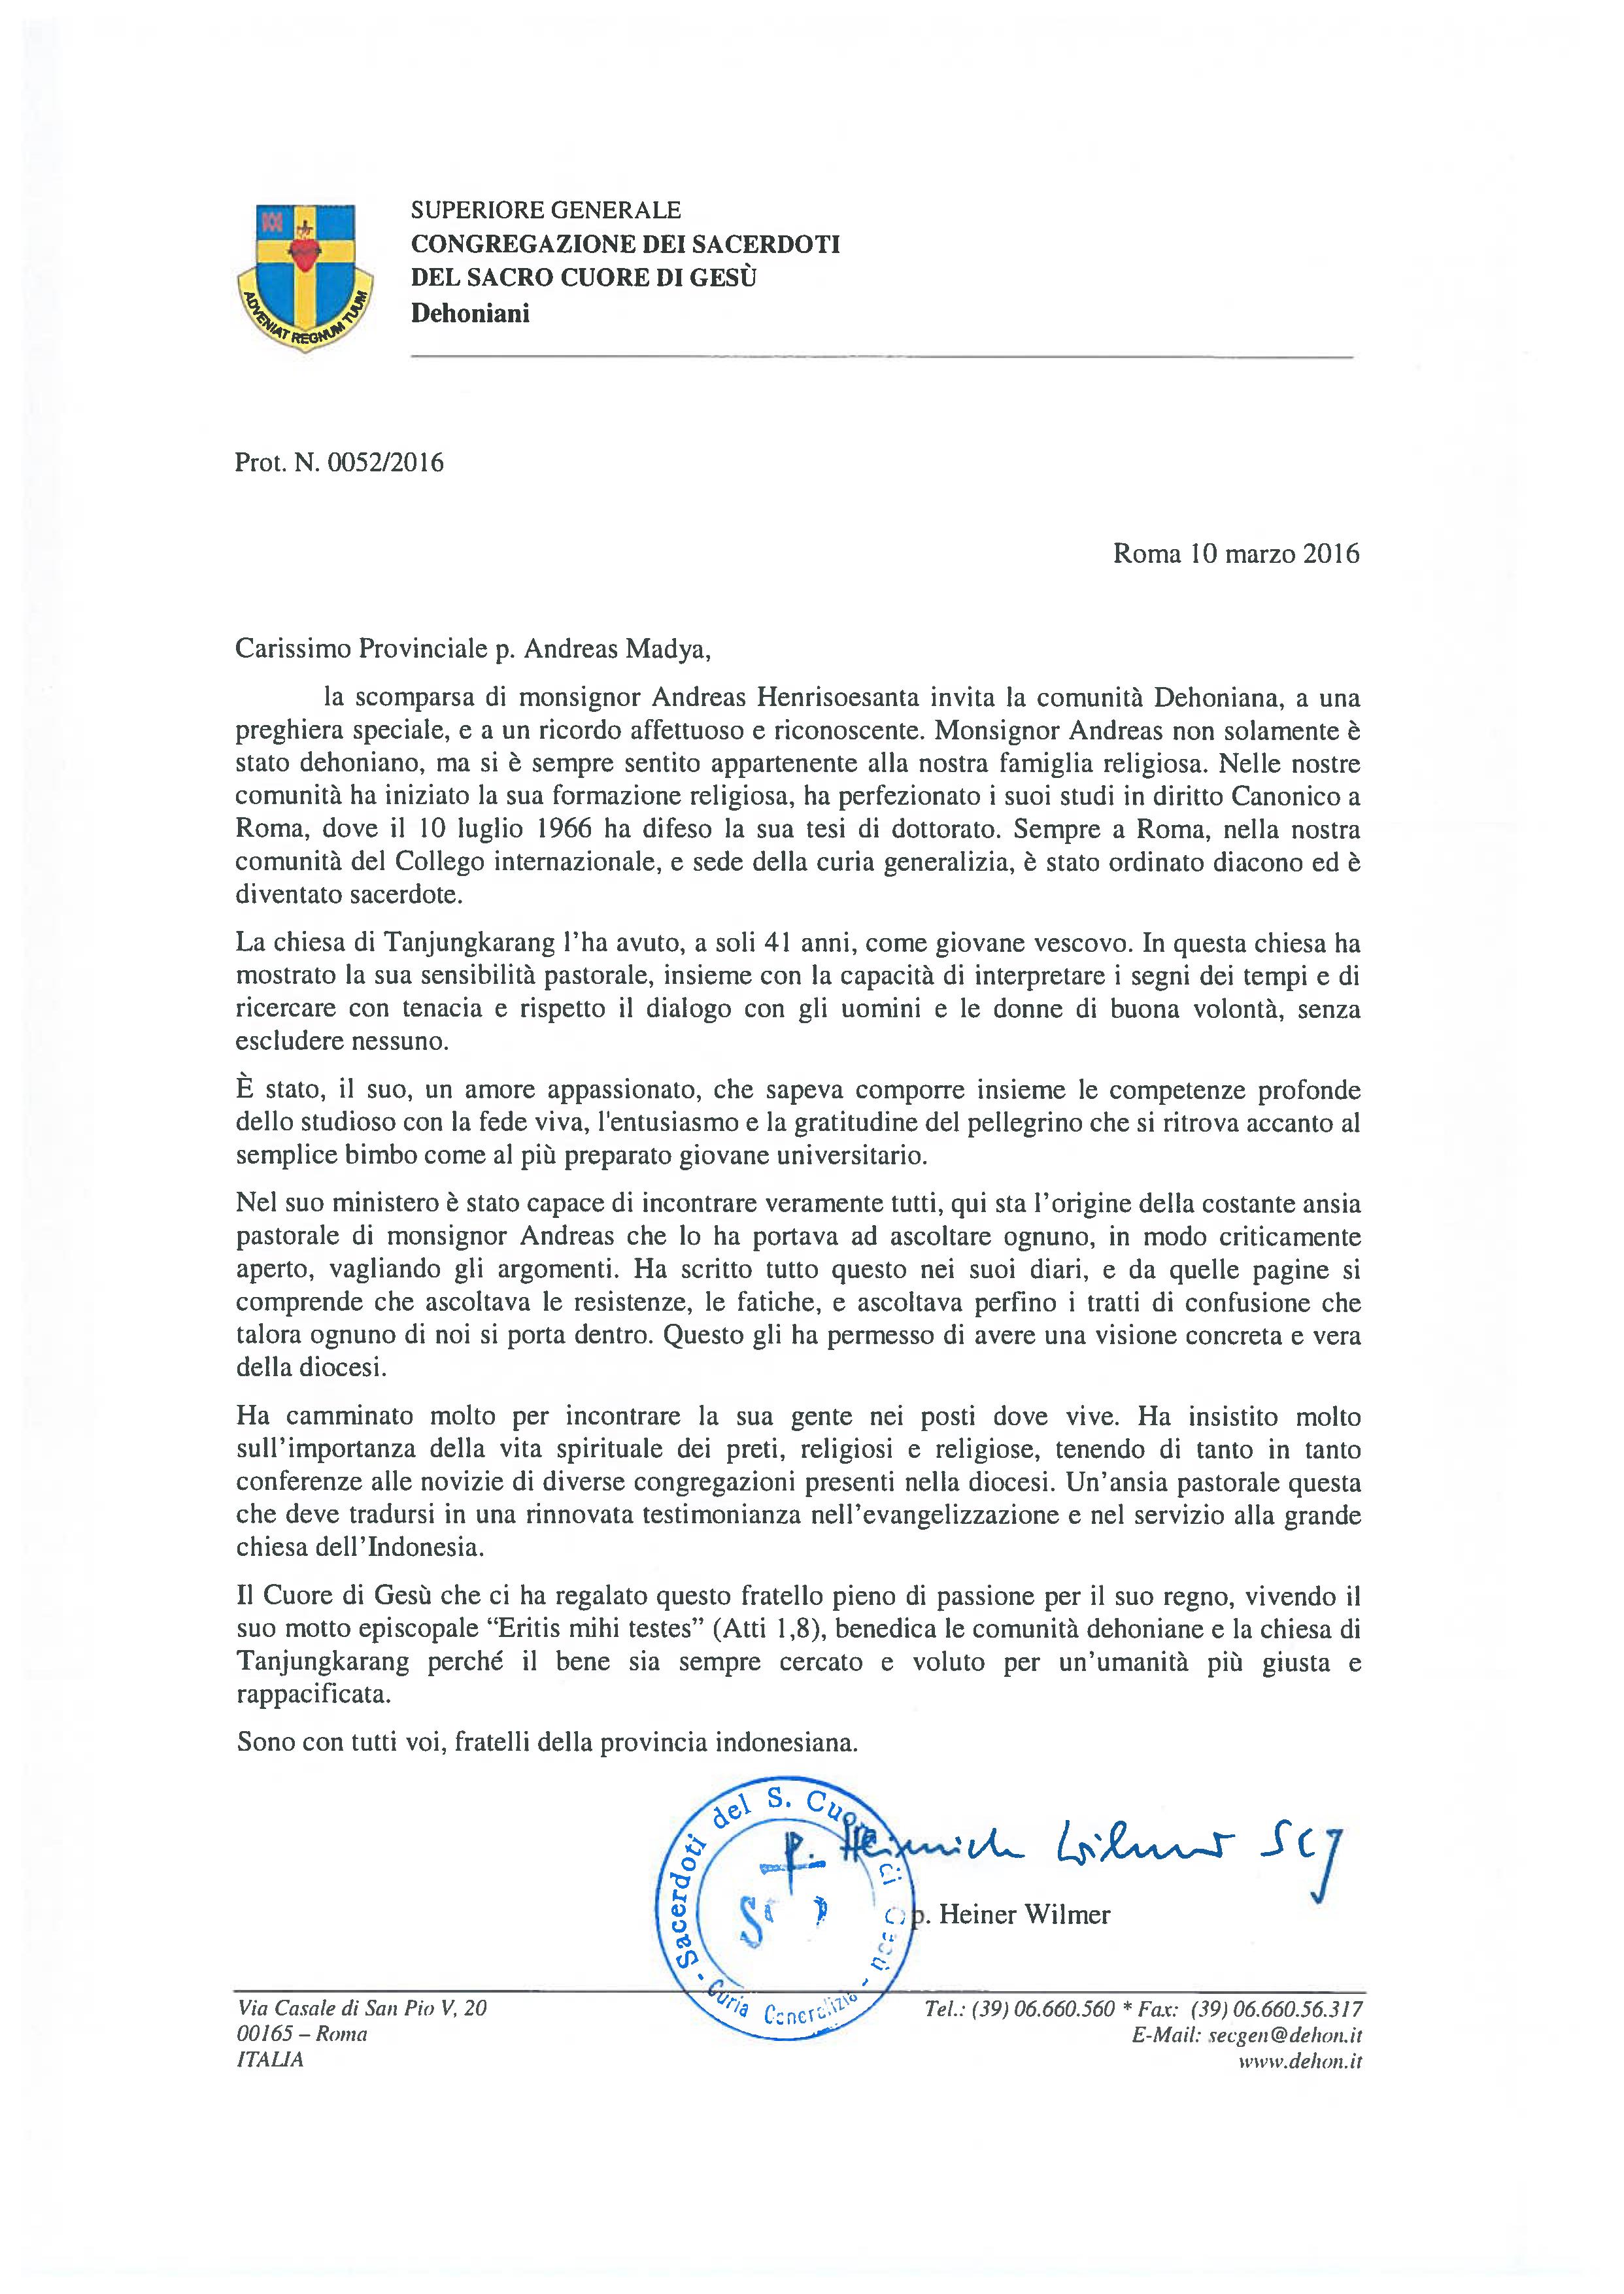 P2016-0052-S-INA-Condoglianza-Provincia-Henrisoesanta